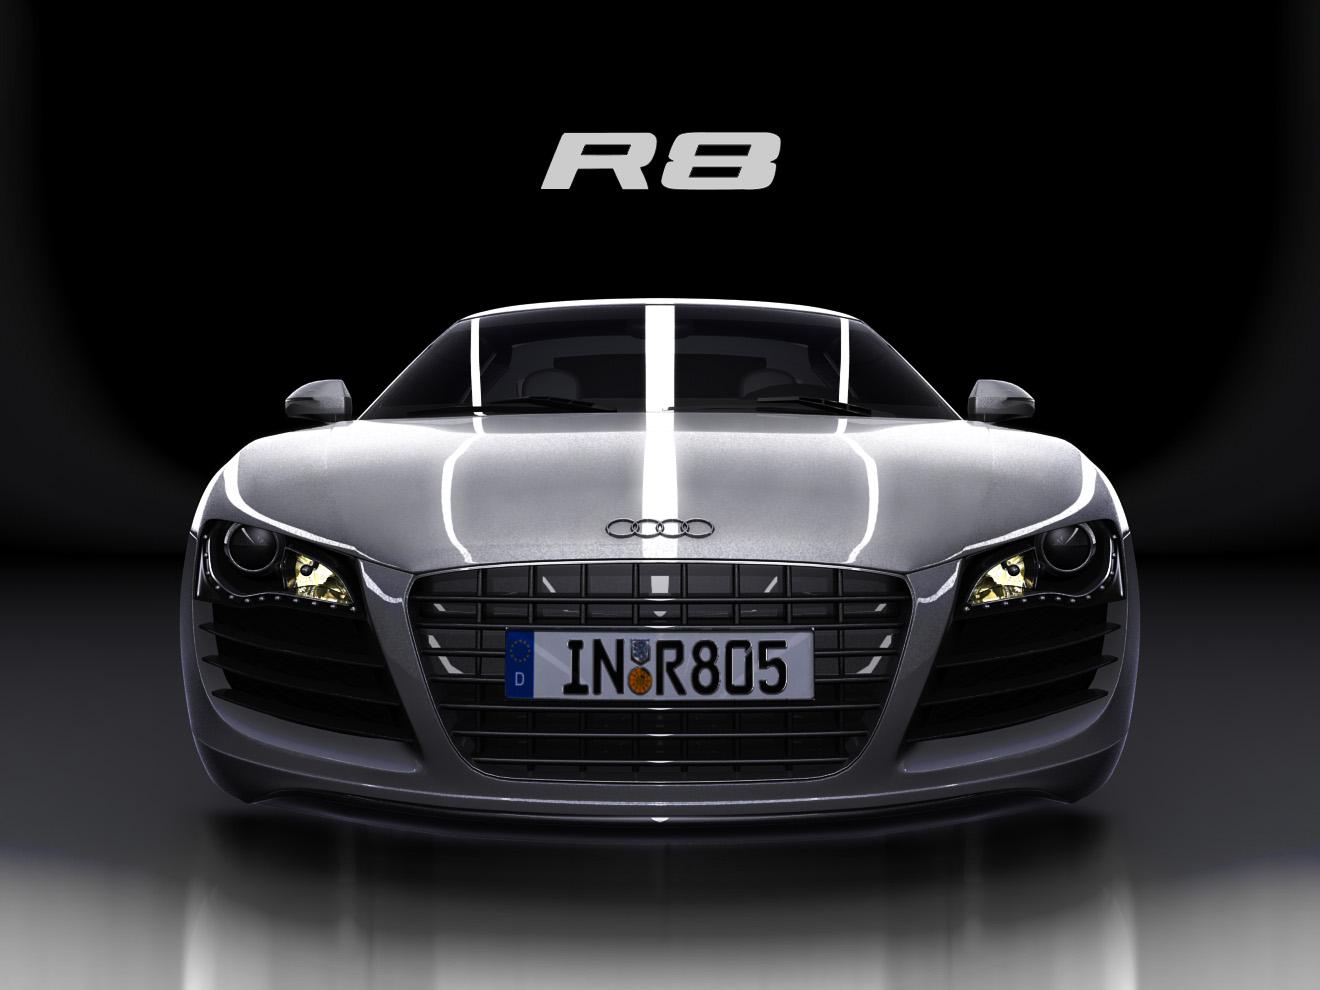 http://4.bp.blogspot.com/-28T4jW6B_k8/TrKuMuuEHnI/AAAAAAAAAO0/yqe9A0ZHnvw/s1600/Audi+R8+Wallpaper+1.jpg